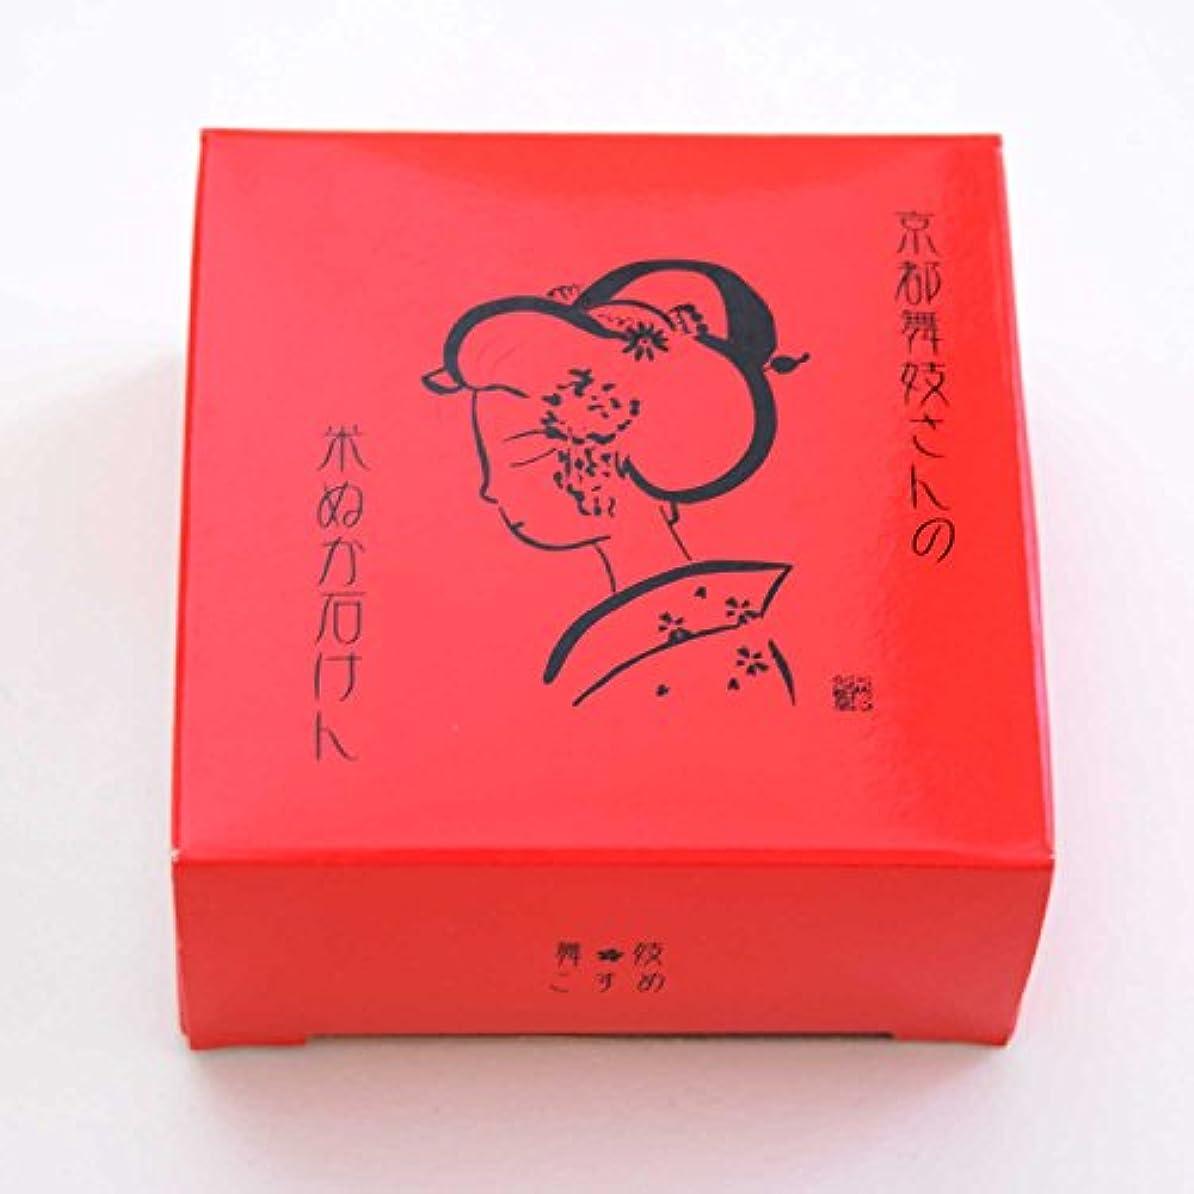 卒業ゲームオーストラリア人京都限定 舞妓さんの米ぬか石鹸 米ぬかエキス配合 無香料 無着色